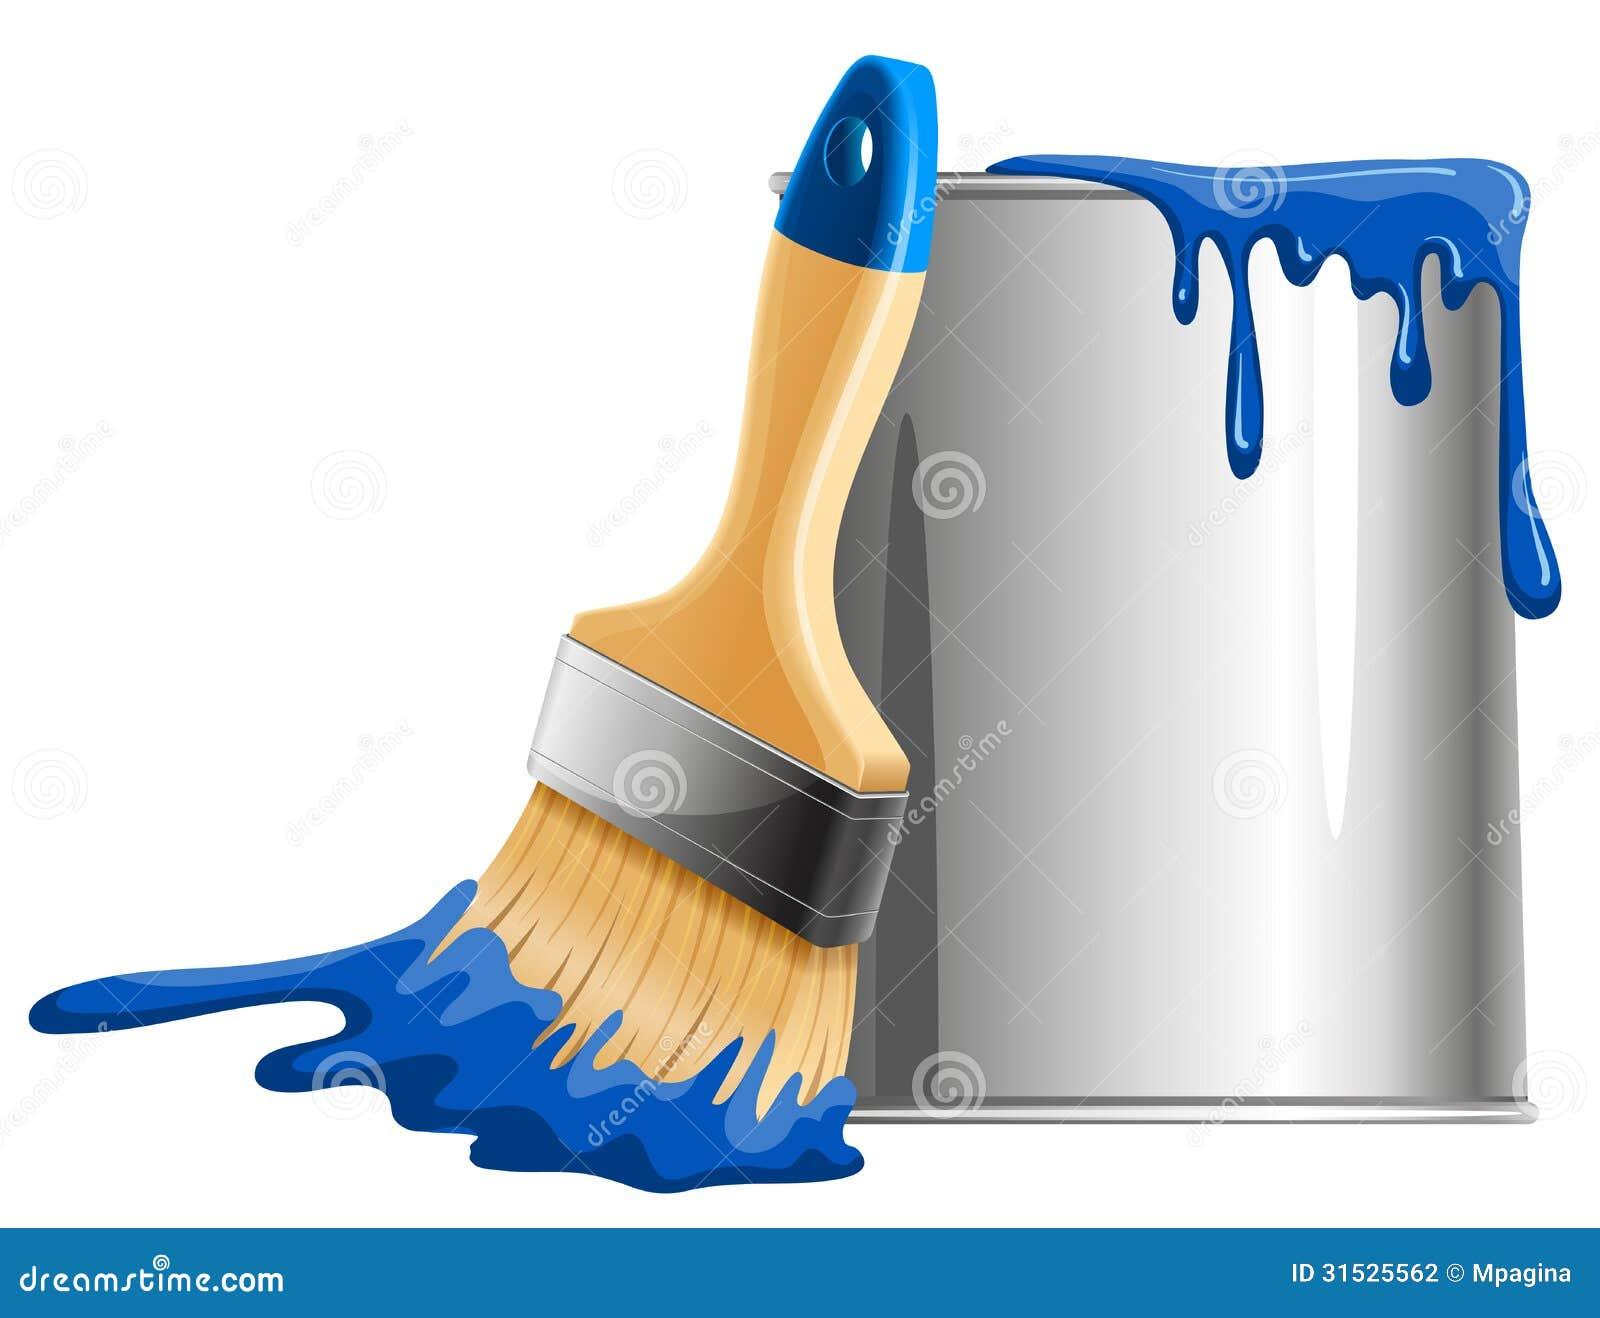 paint bucket and brush - photo #39